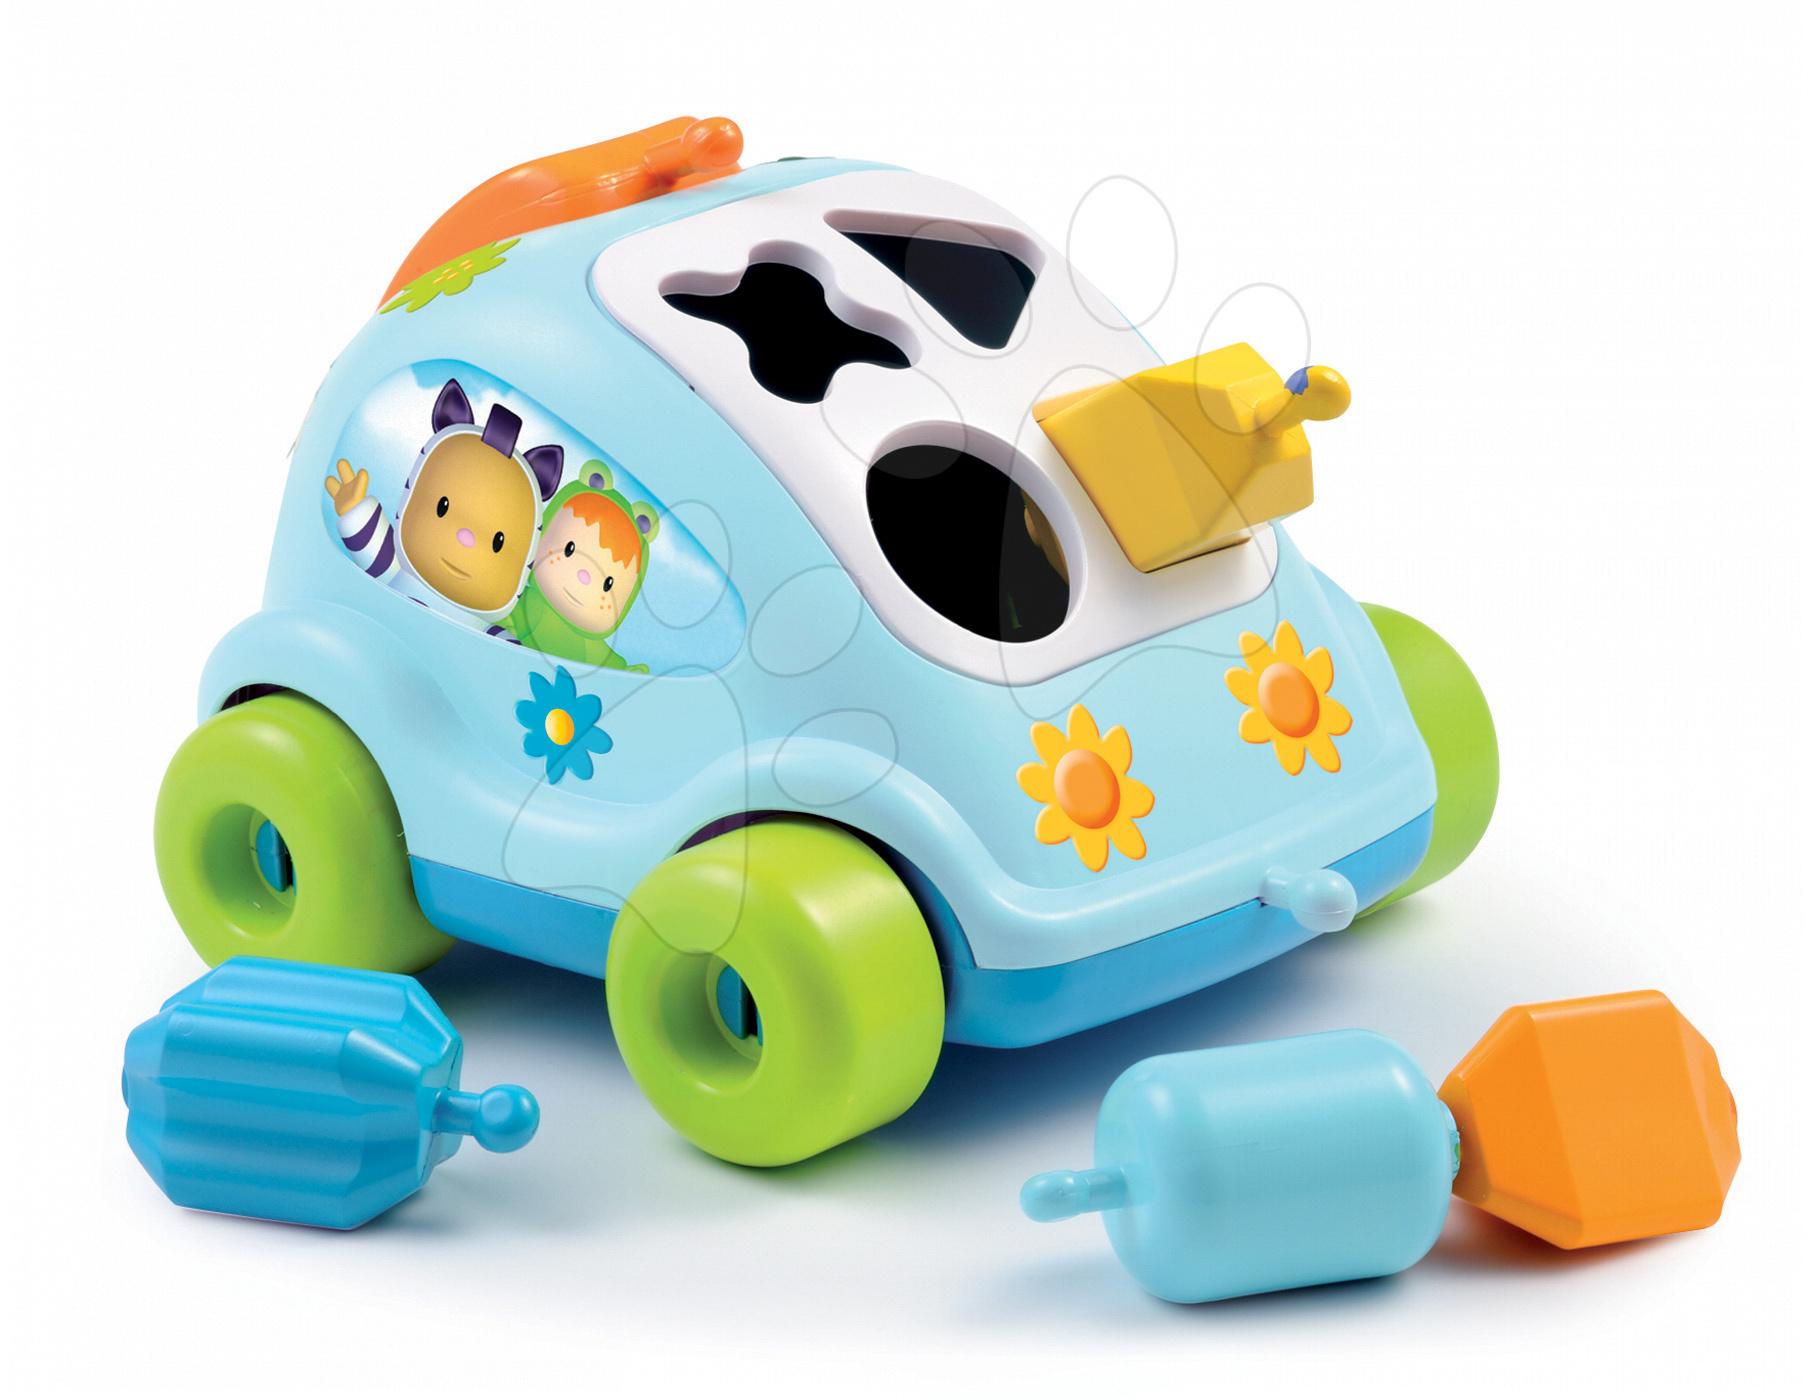 Auto brouček Cotoons Smoby s kostkami modré od 12 měsíců